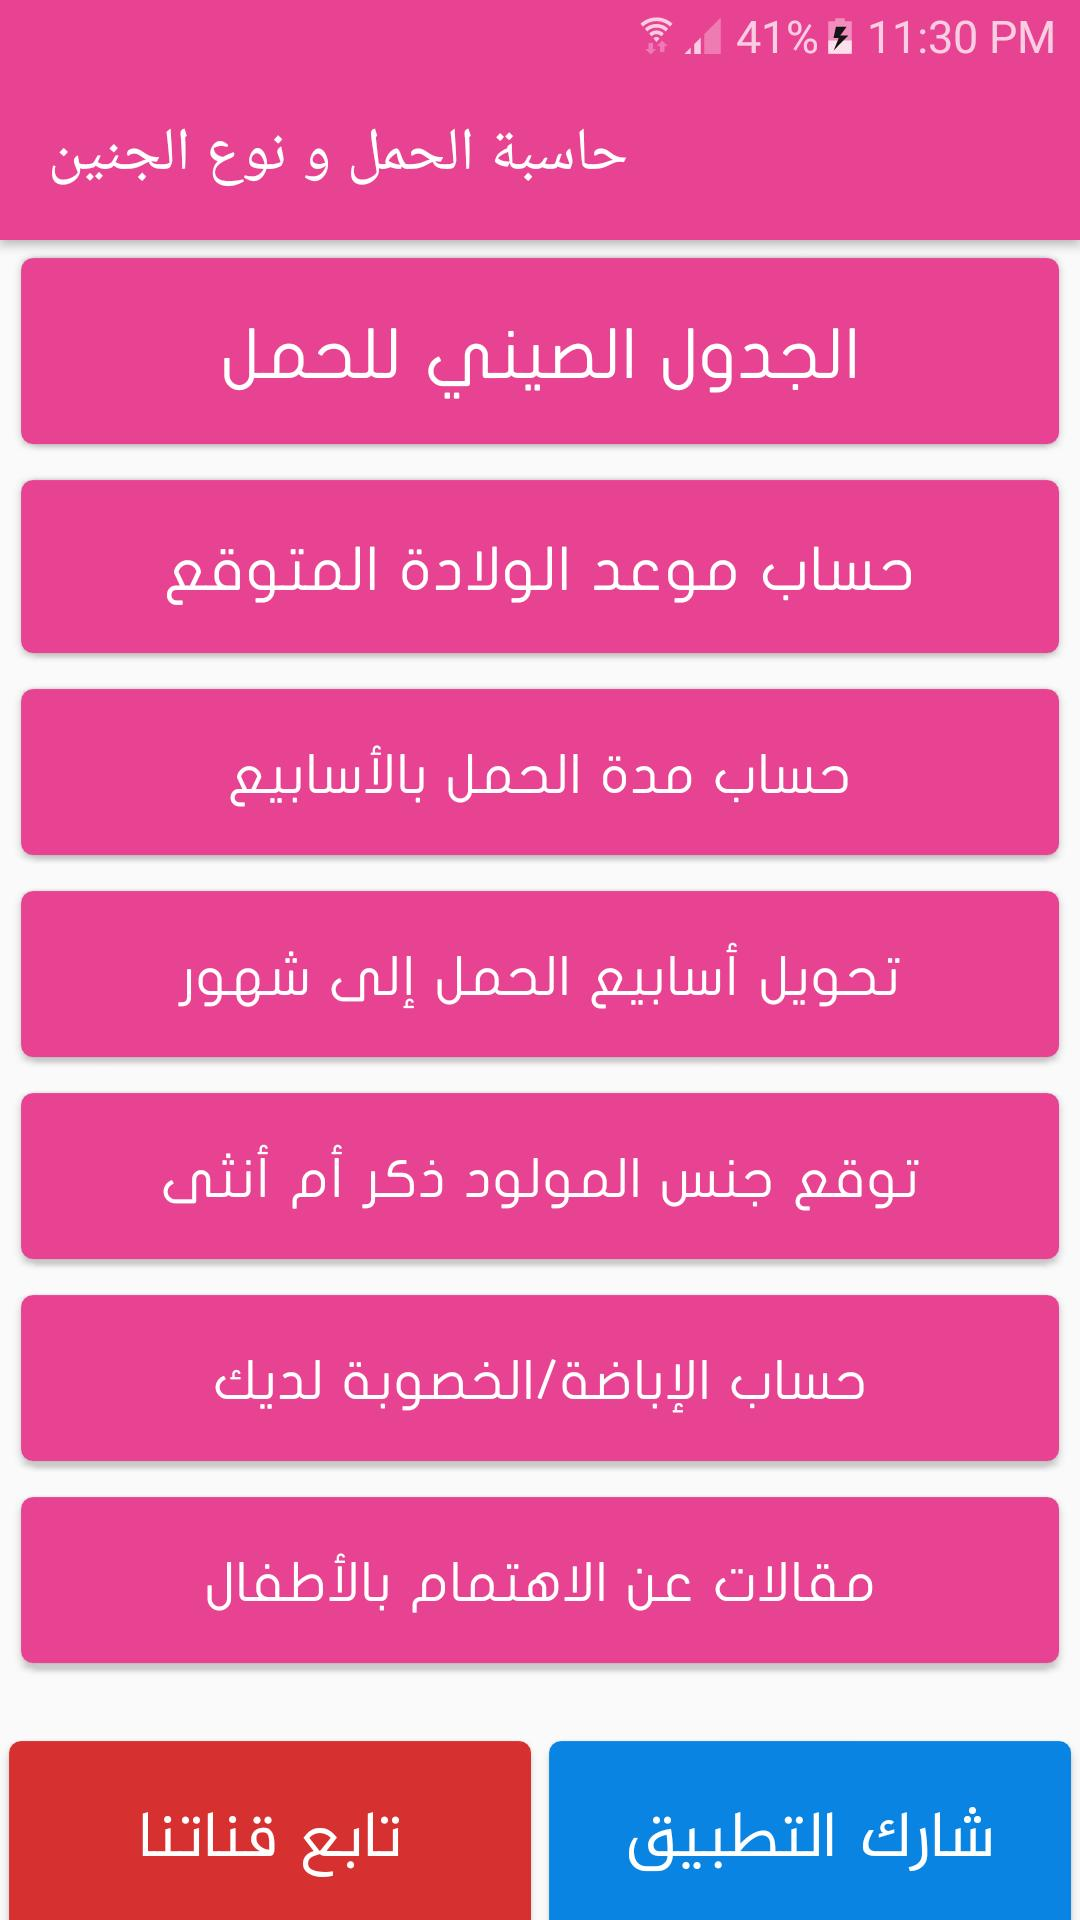 حاسبة الحمل و تحديد نوع الجنين For Android Apk Download